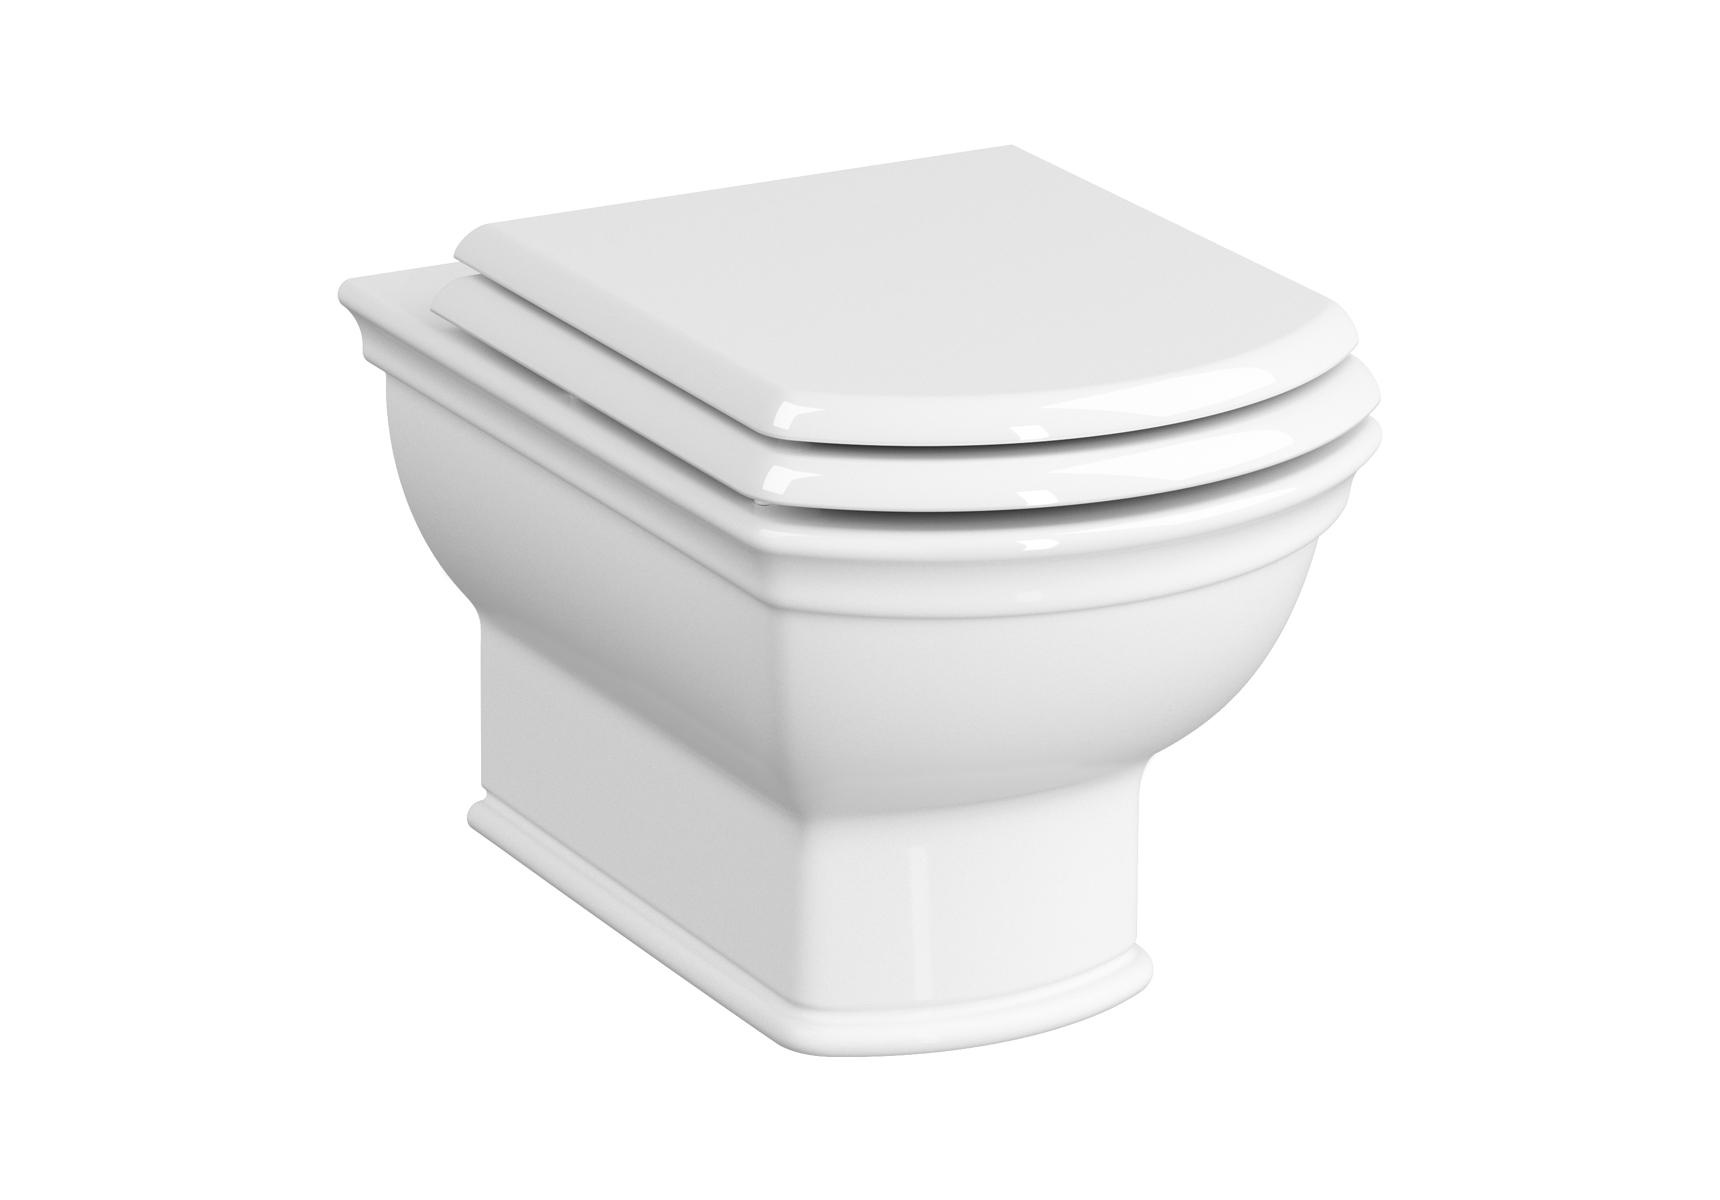 Valarte WC suspendu sans bride, 54 cm, blanc